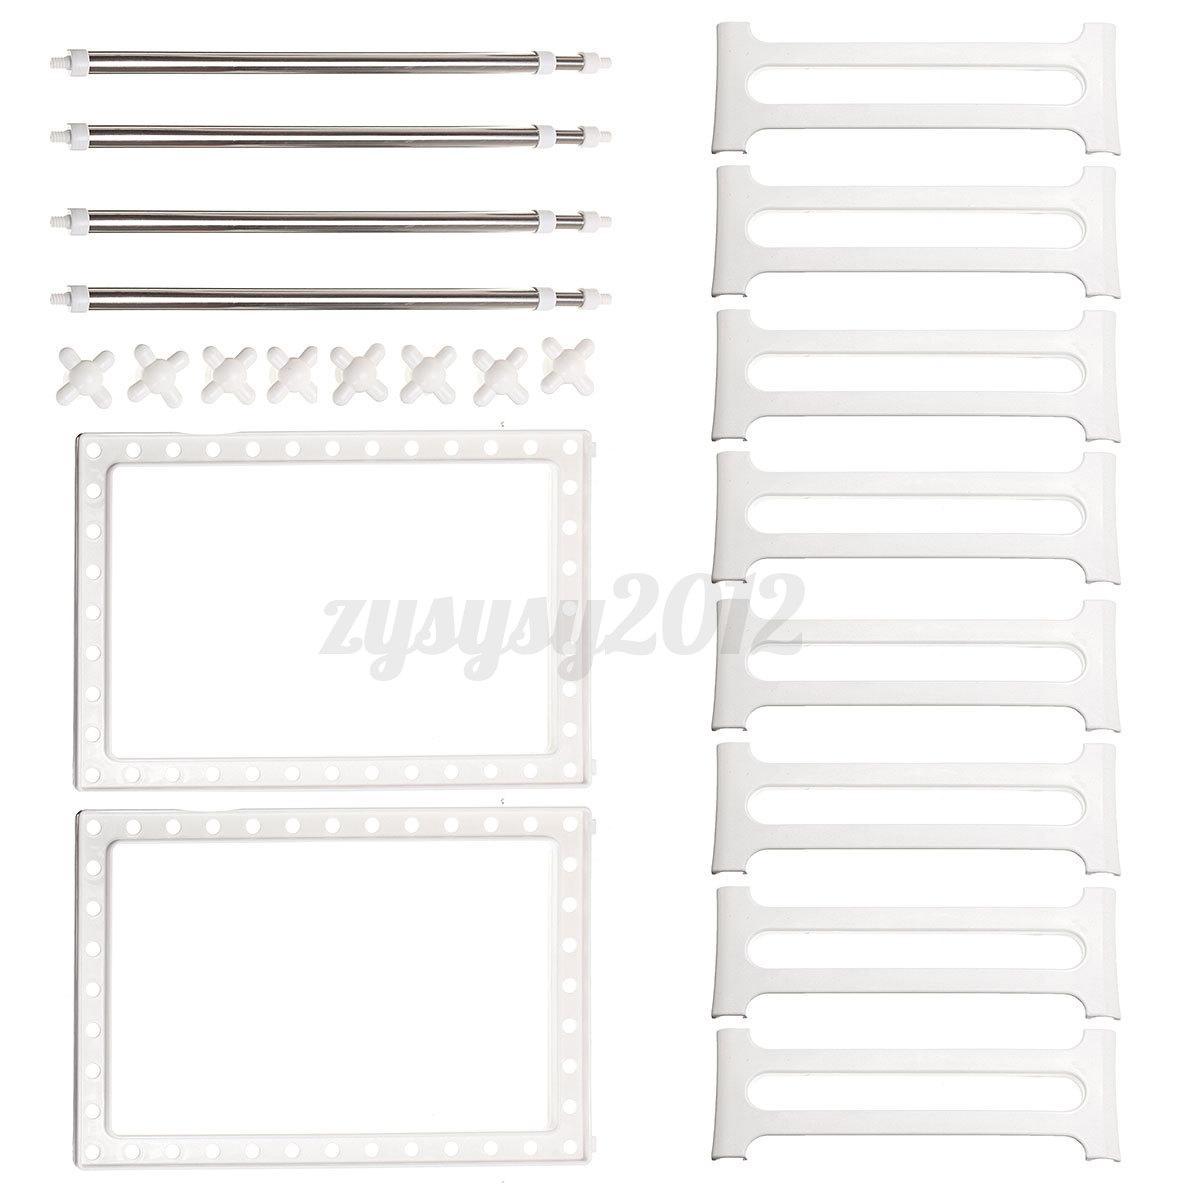 Rack Organizador De Baño: de espacio de almacenamiento de baño  #4E423E 1200x1200